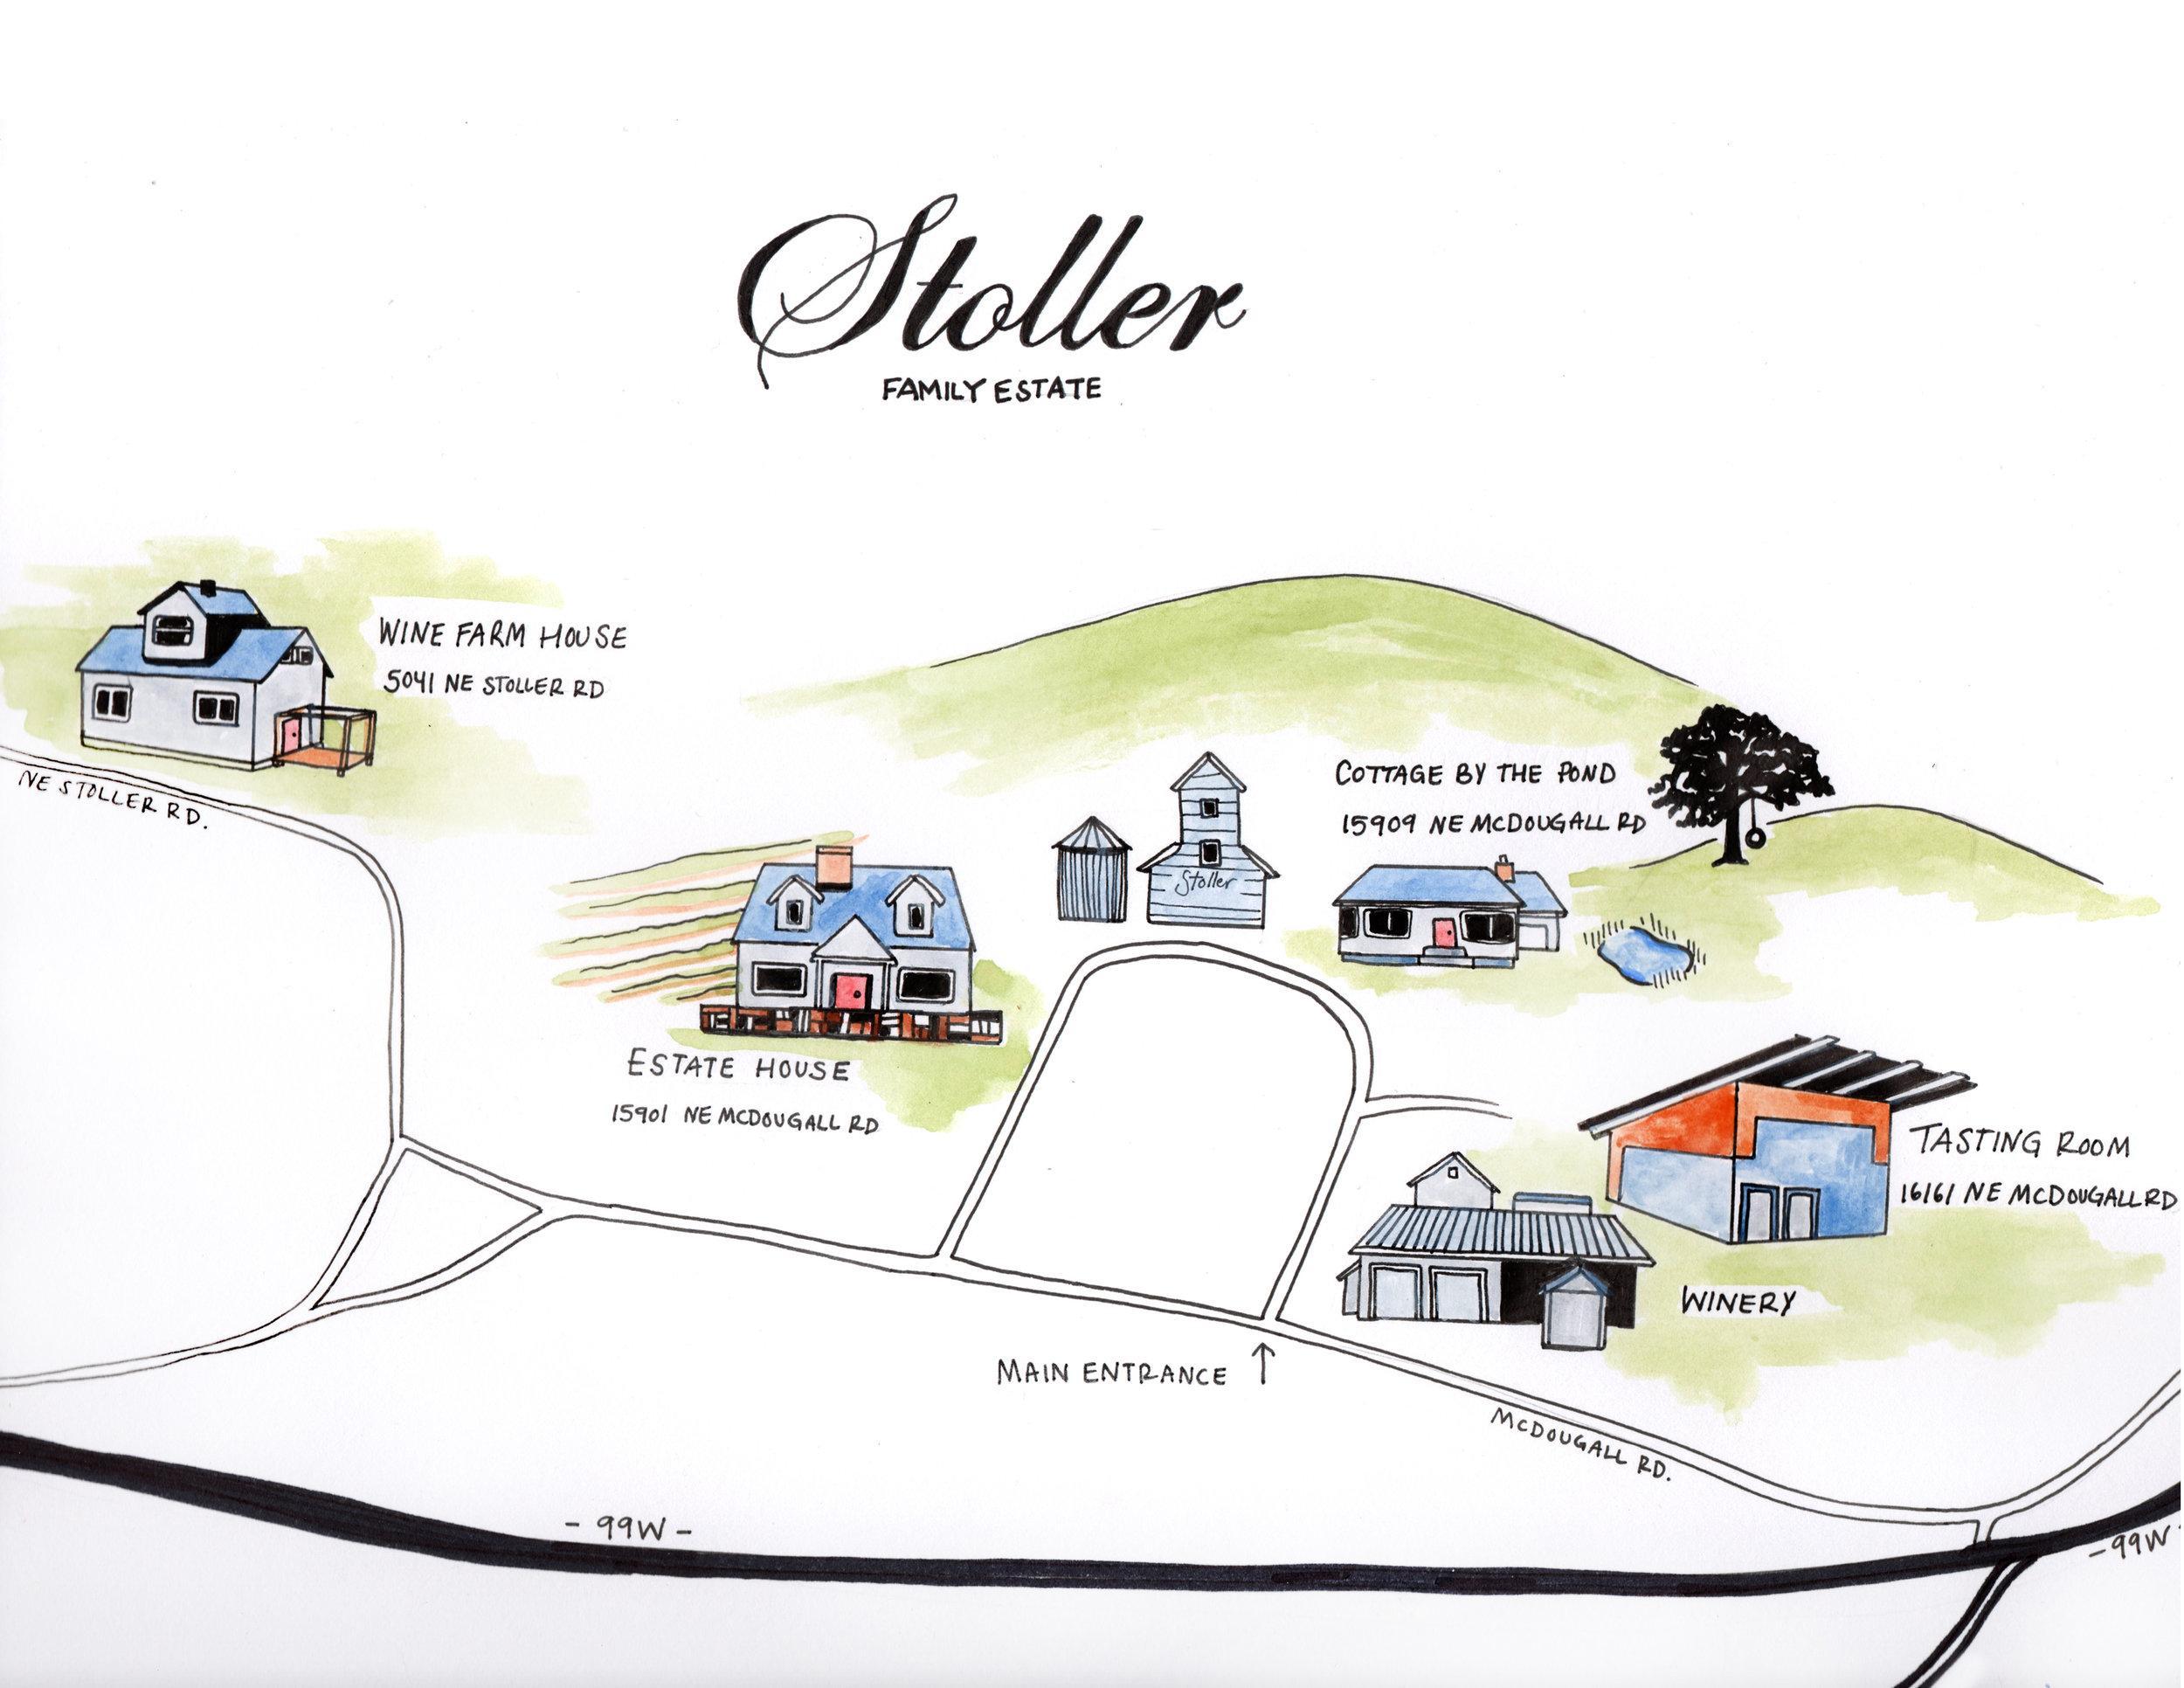 Vineyard map for Stoller Family Estate